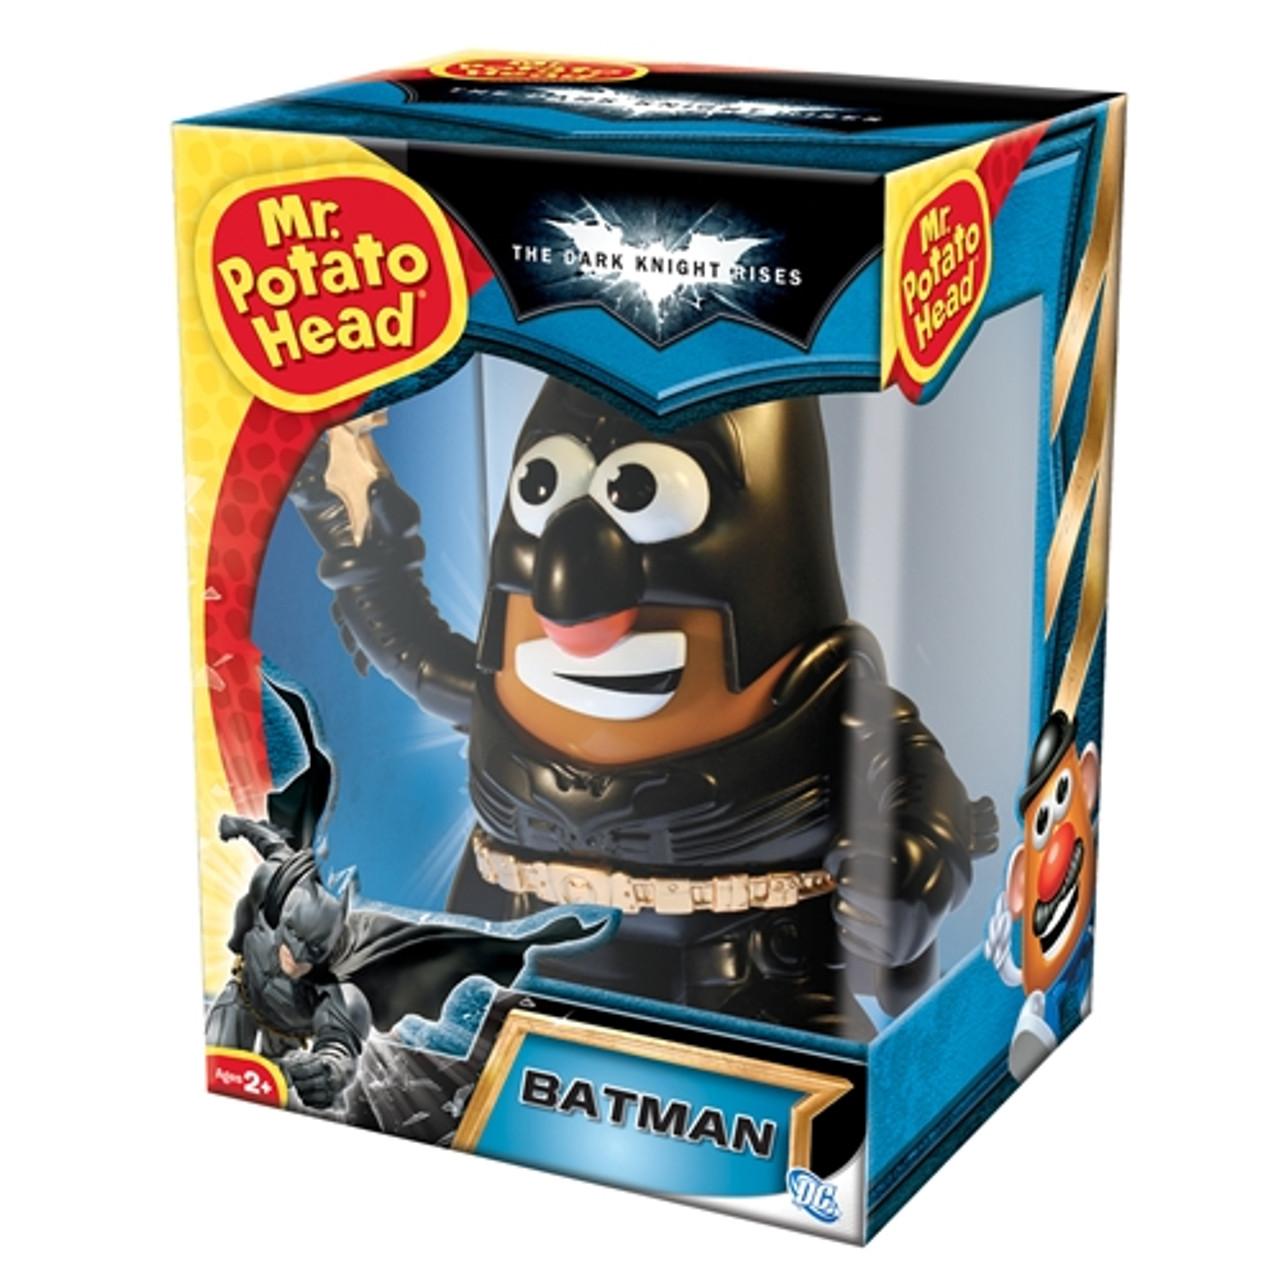 The Dark Knight Rises Batman Mr. Potato Head